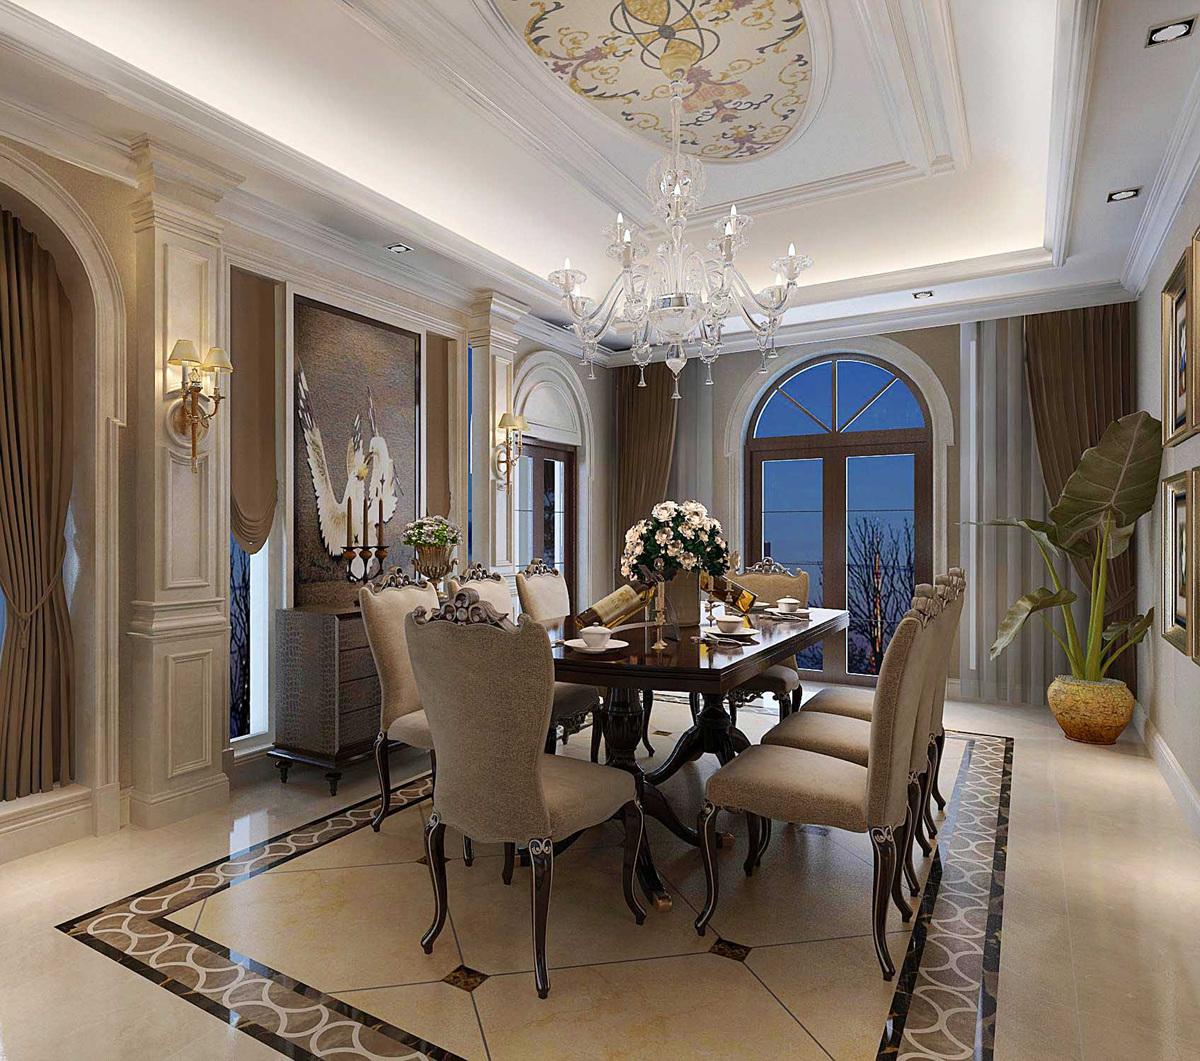 圣安德鲁斯 庄园别墅 法式古典 腾龙设计 餐厅图片来自孔继民在圣安德鲁斯庄园别墅法式风格设计的分享